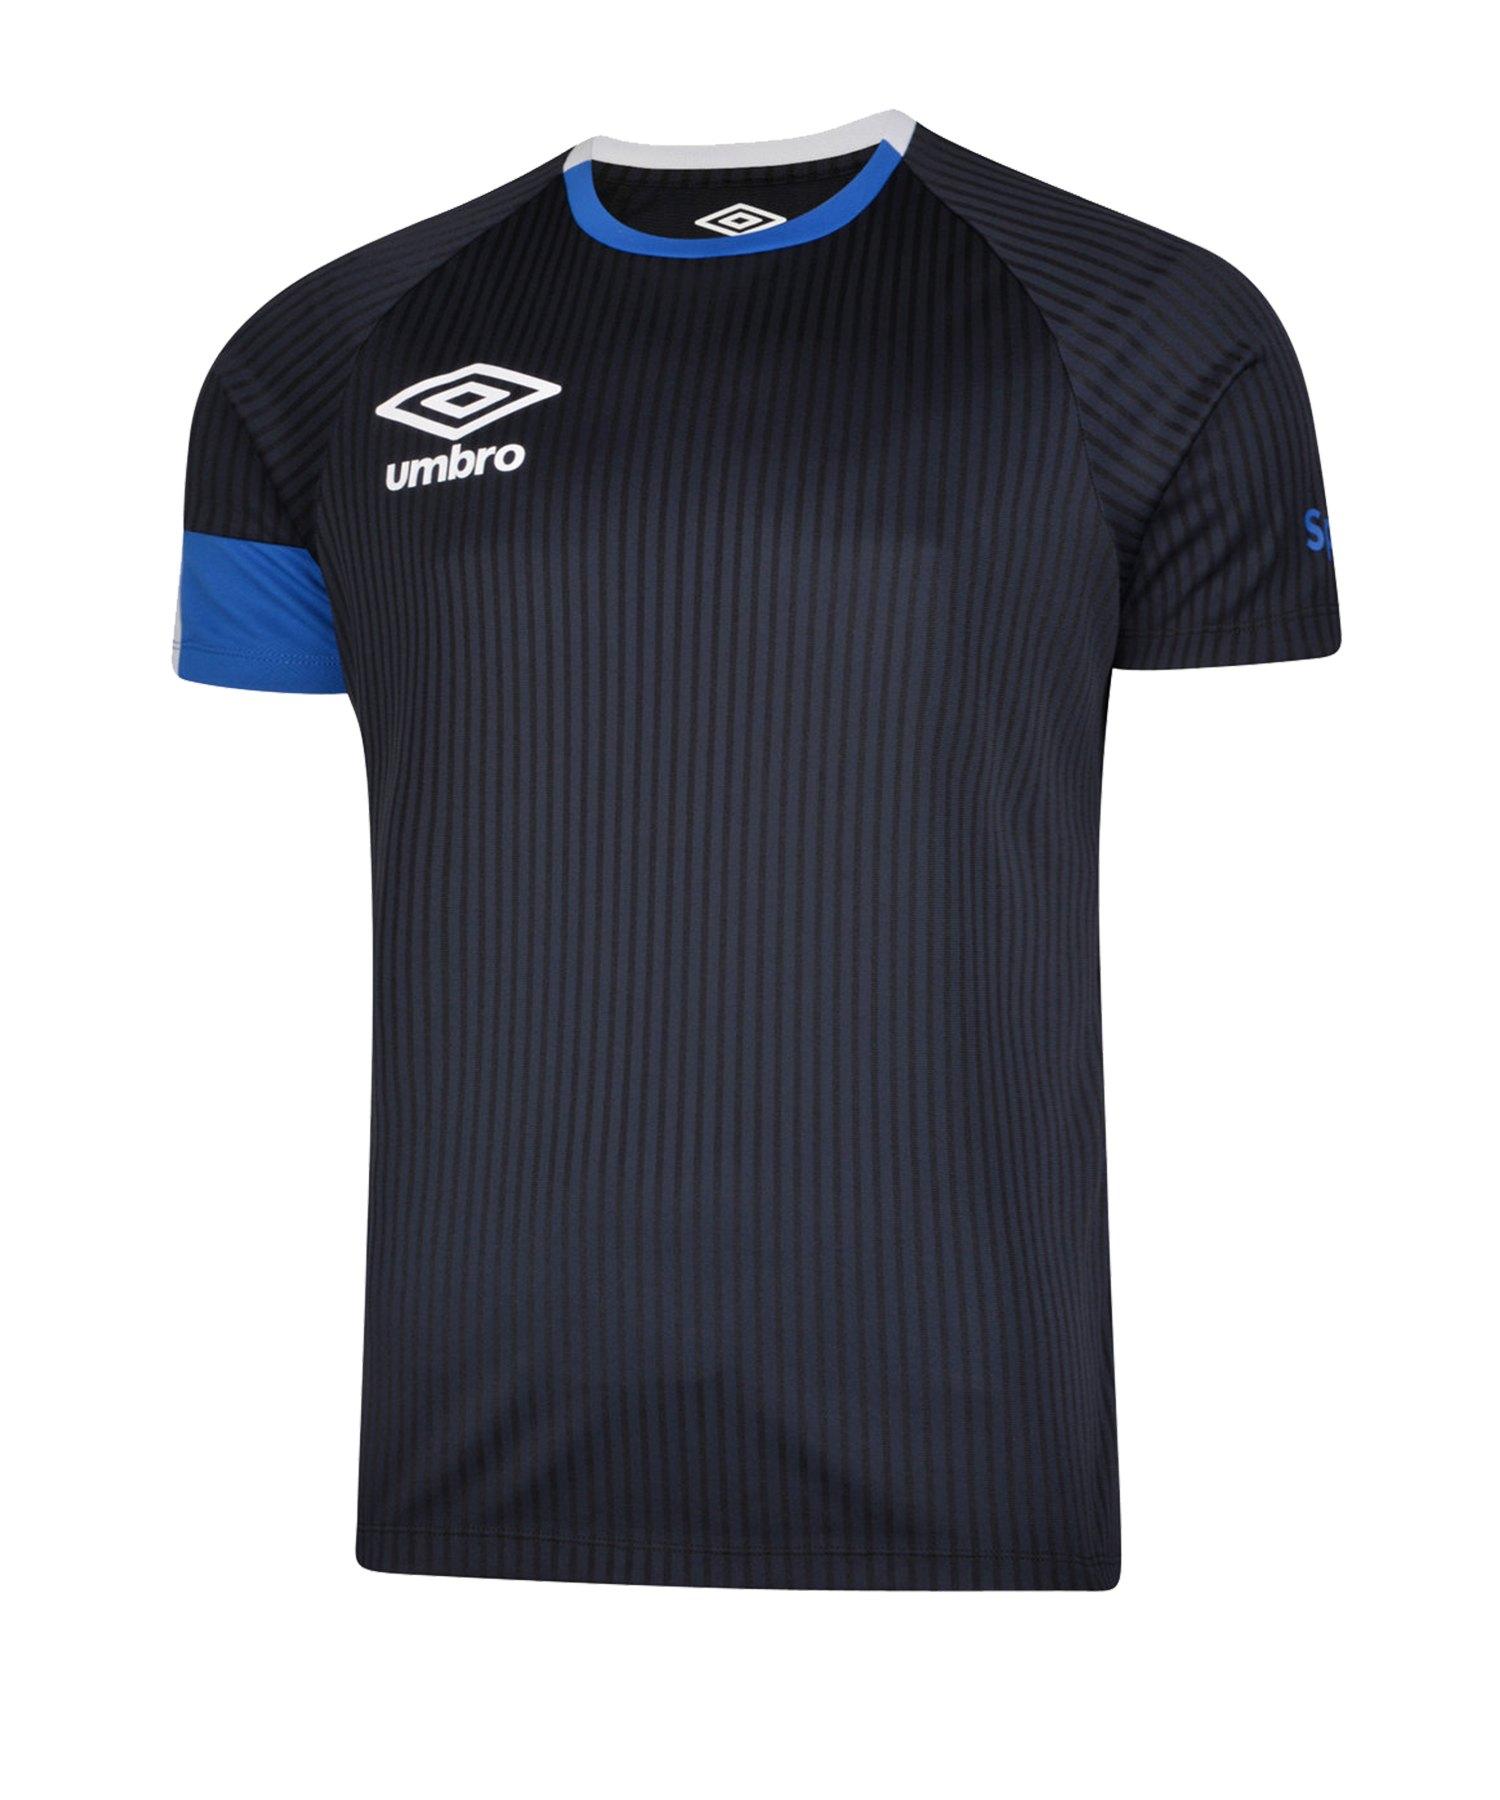 Umbro Speciali 98 Poly Tee T-Shirt Schwarz F060 - schwarz